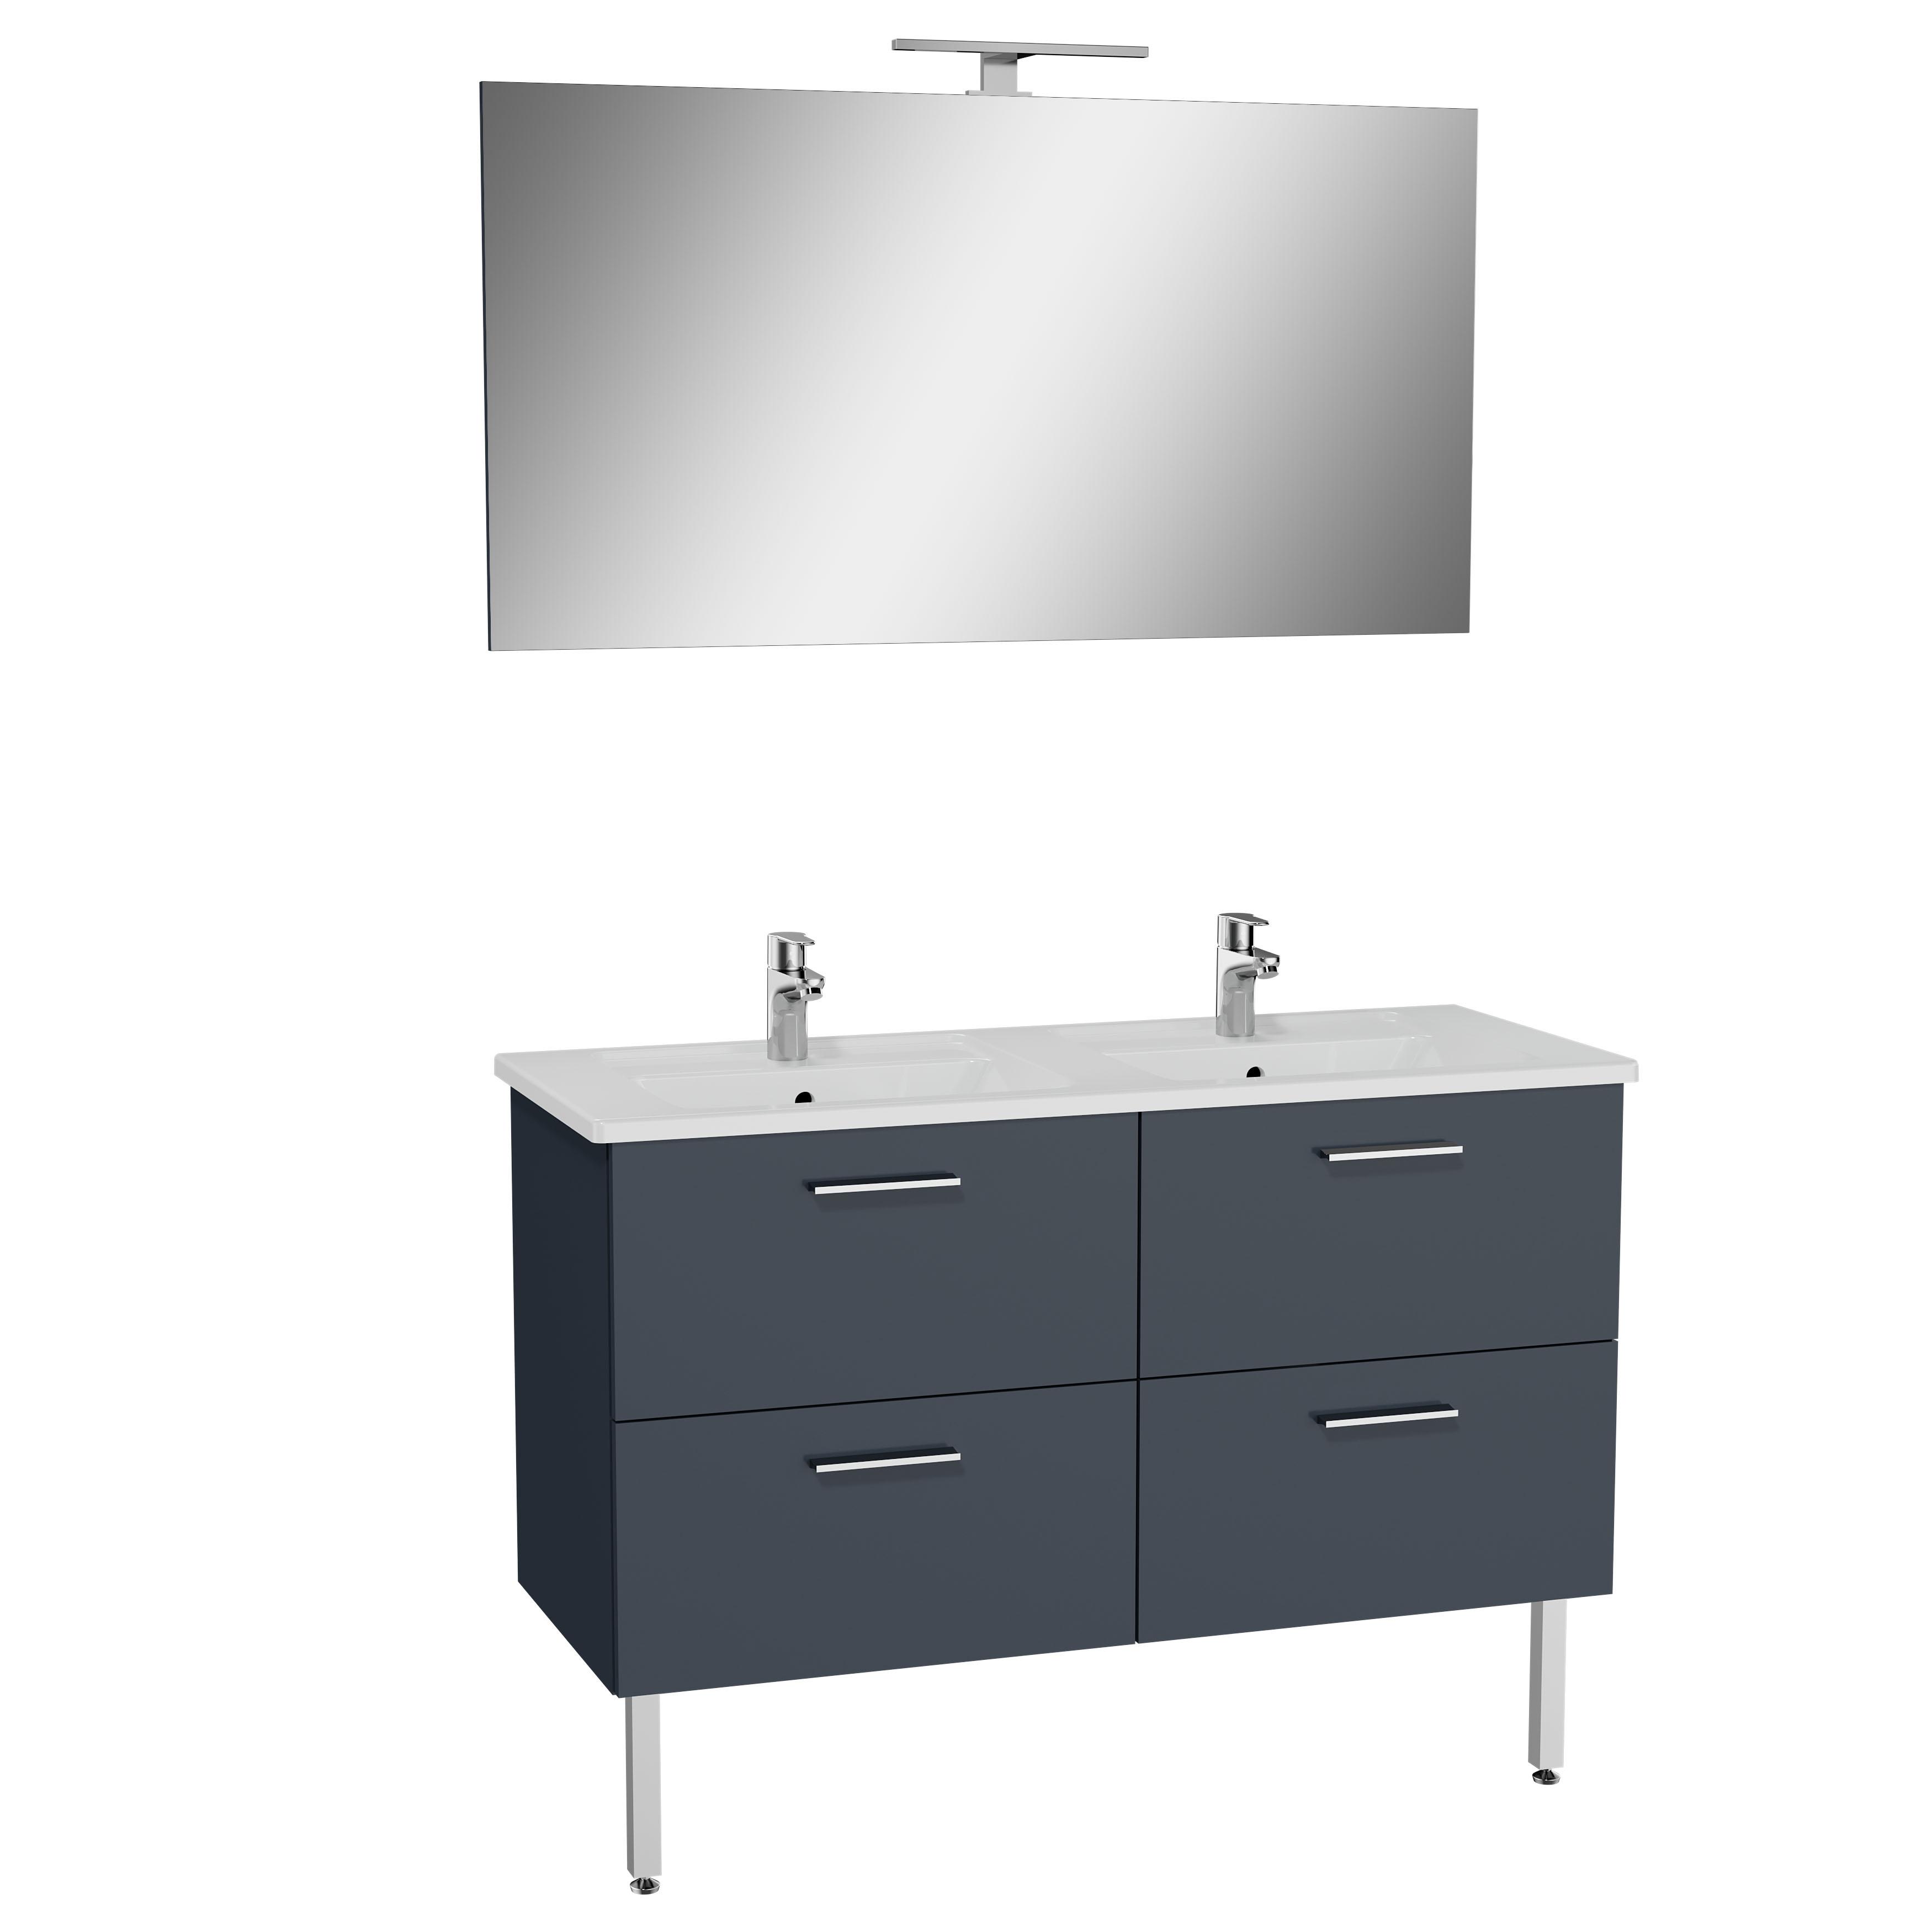 Mia set de meuble, avec 4 tiroirs, 120 cm, anthraciteacite